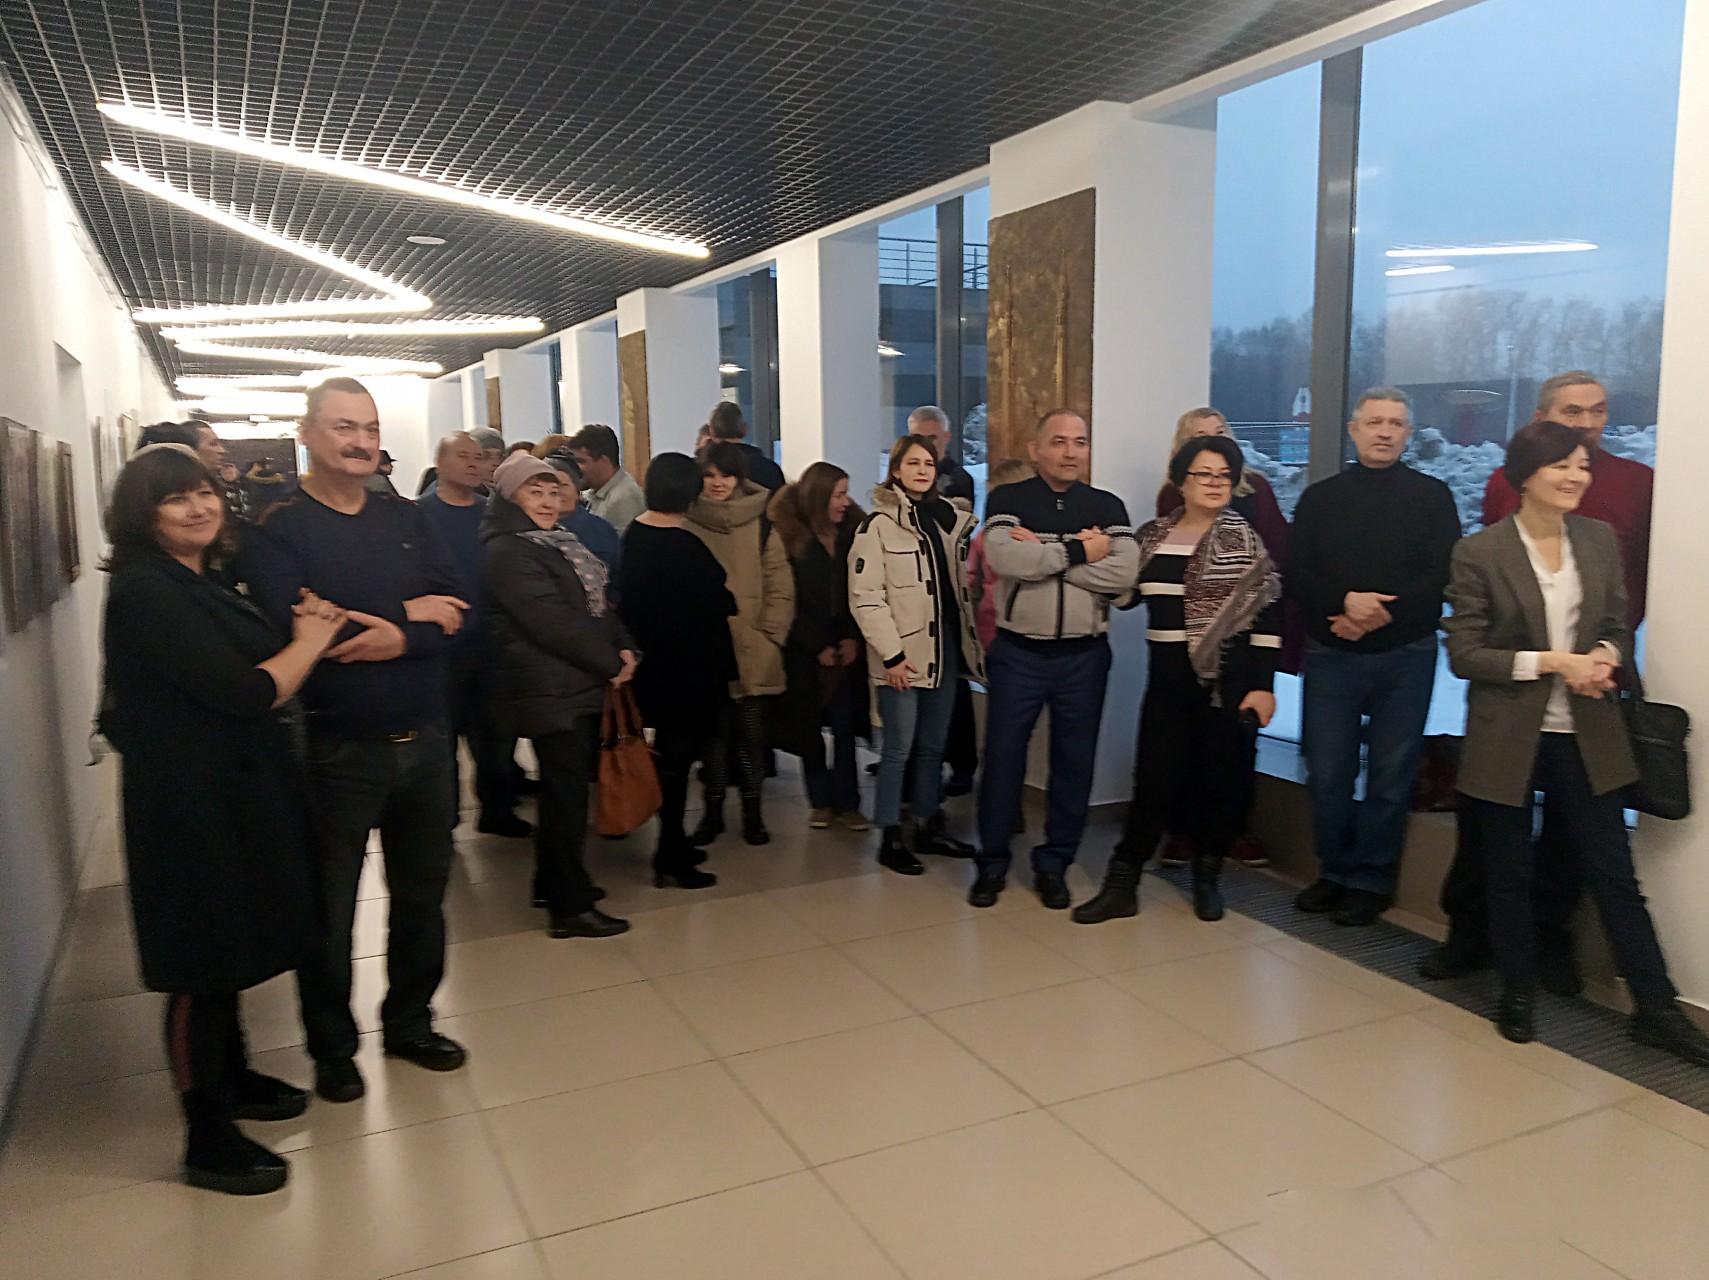 Открытие выставки юбилейной выставки «Верю. Люблю. Наде. Жду...» и концерт группы «Гагарин»